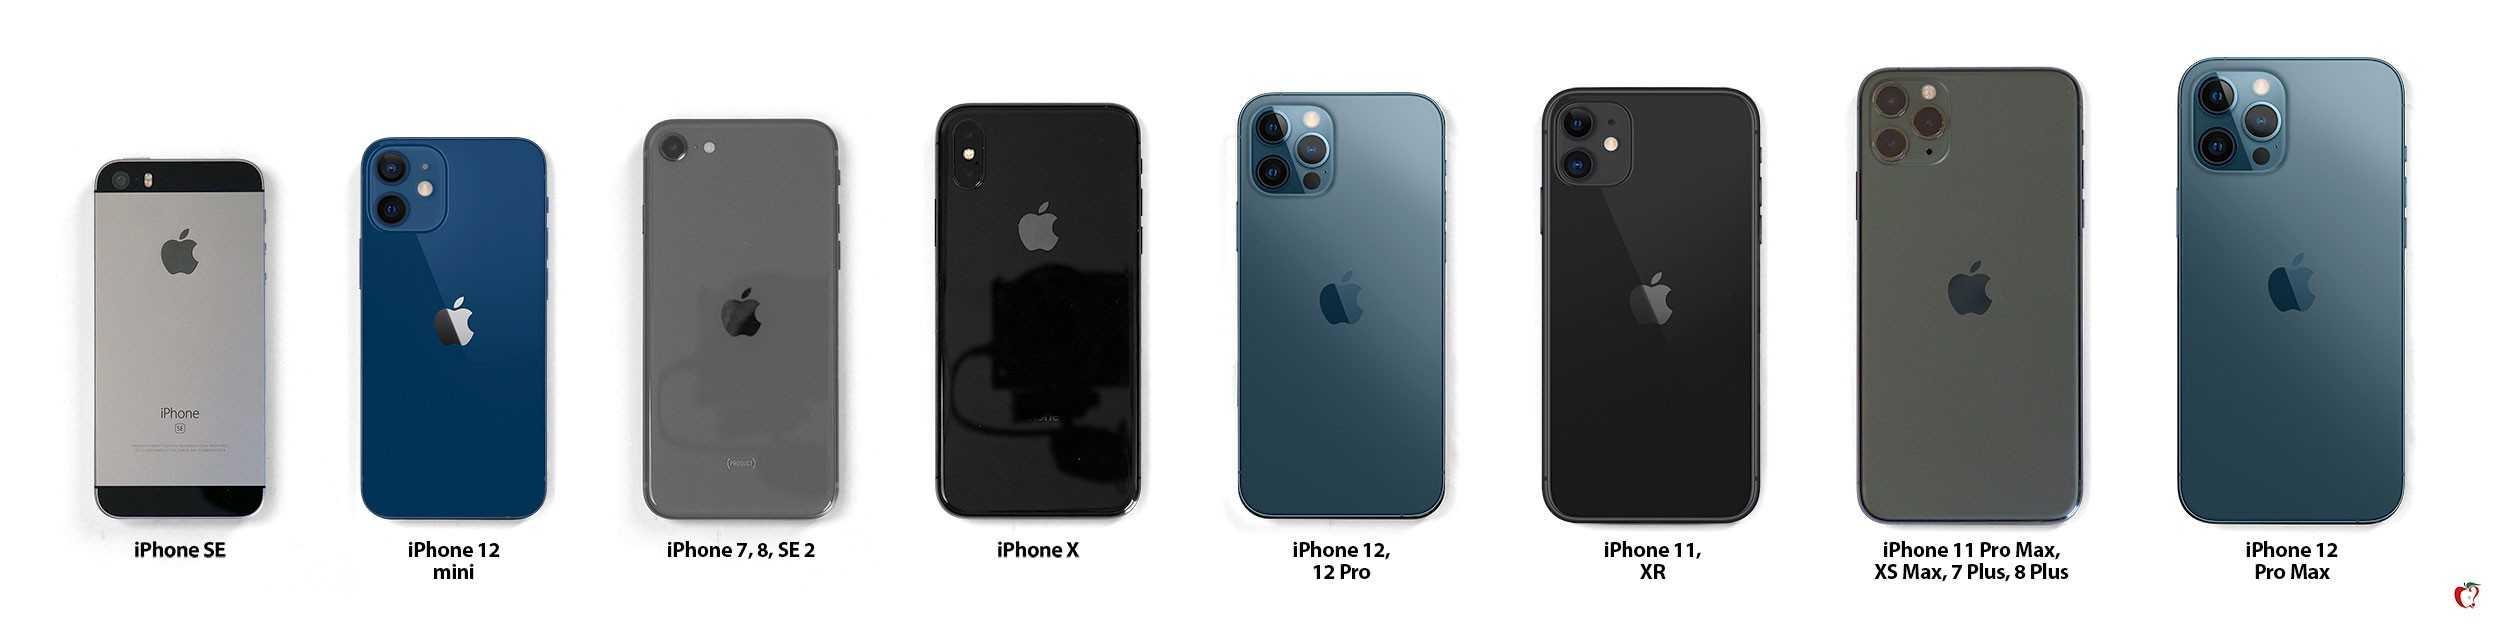 Что такое magsafe? 5 главных вопросов о новой зарядке для iphone12    палач   гаджеты, скидки и медиа